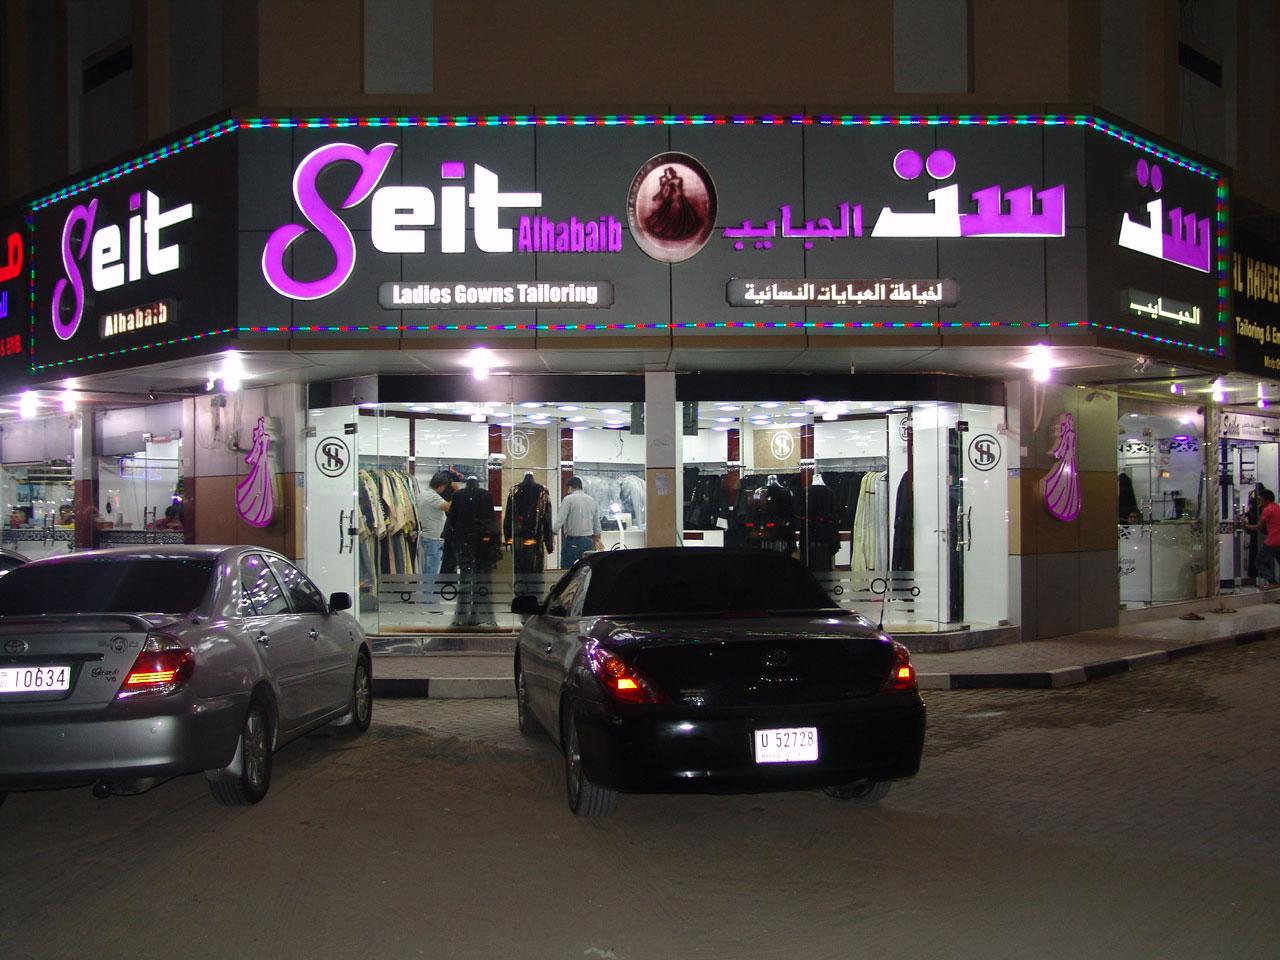 Seit Al Habaib Abaya & Sheila - DSC03044.jpg